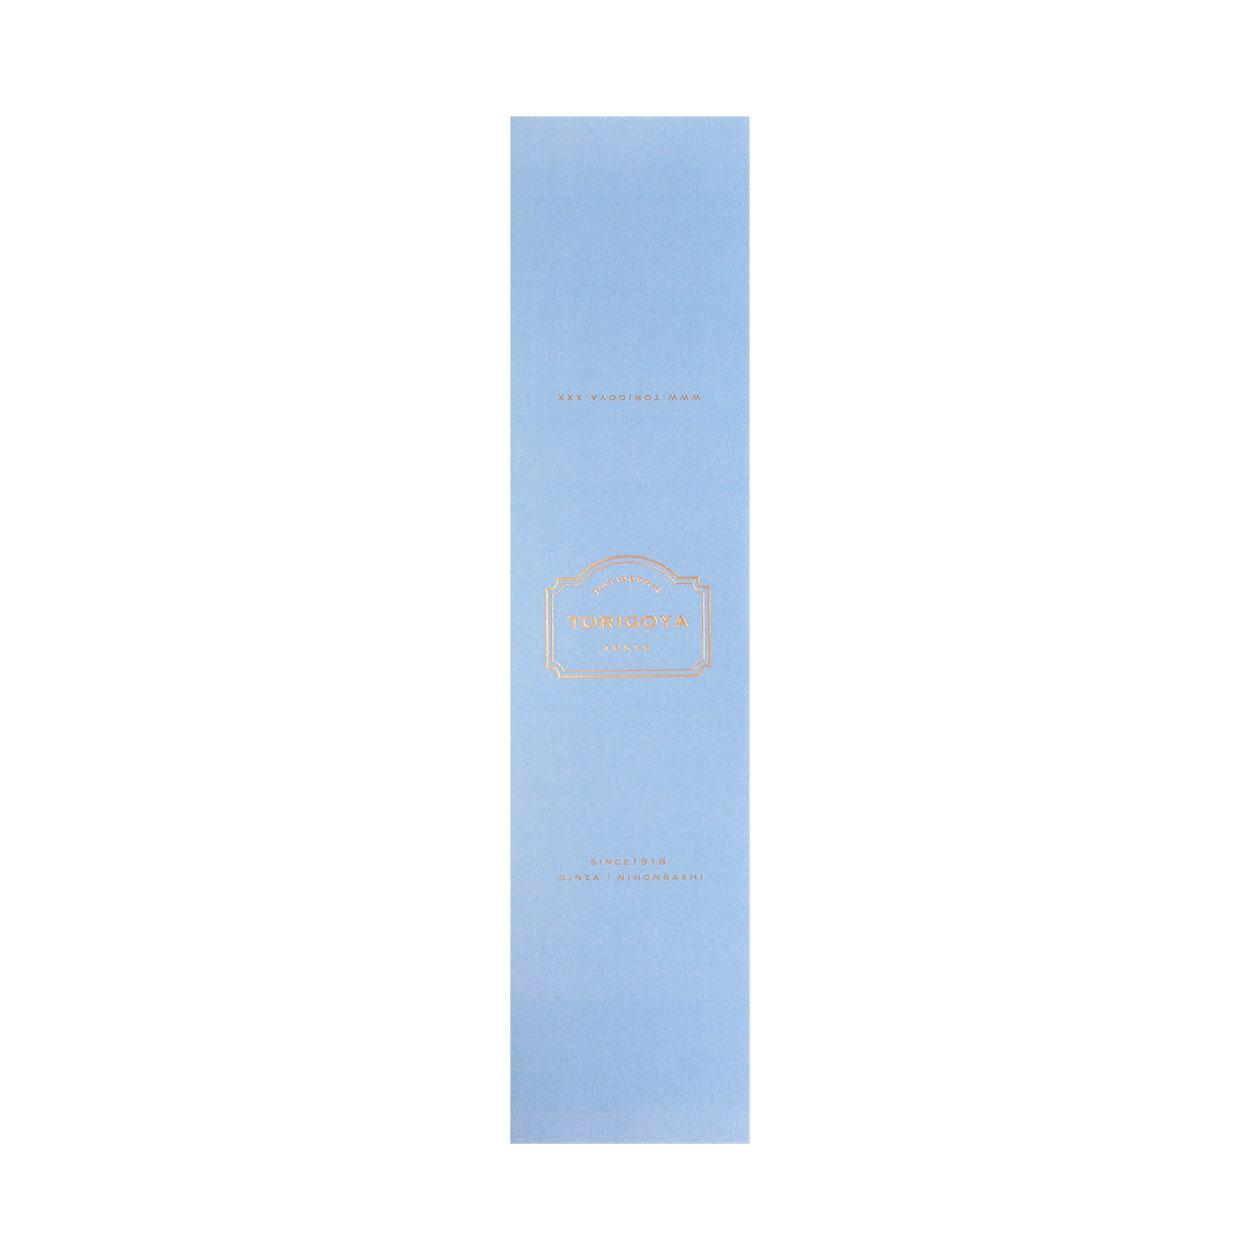 サンプル カード・シート 00428